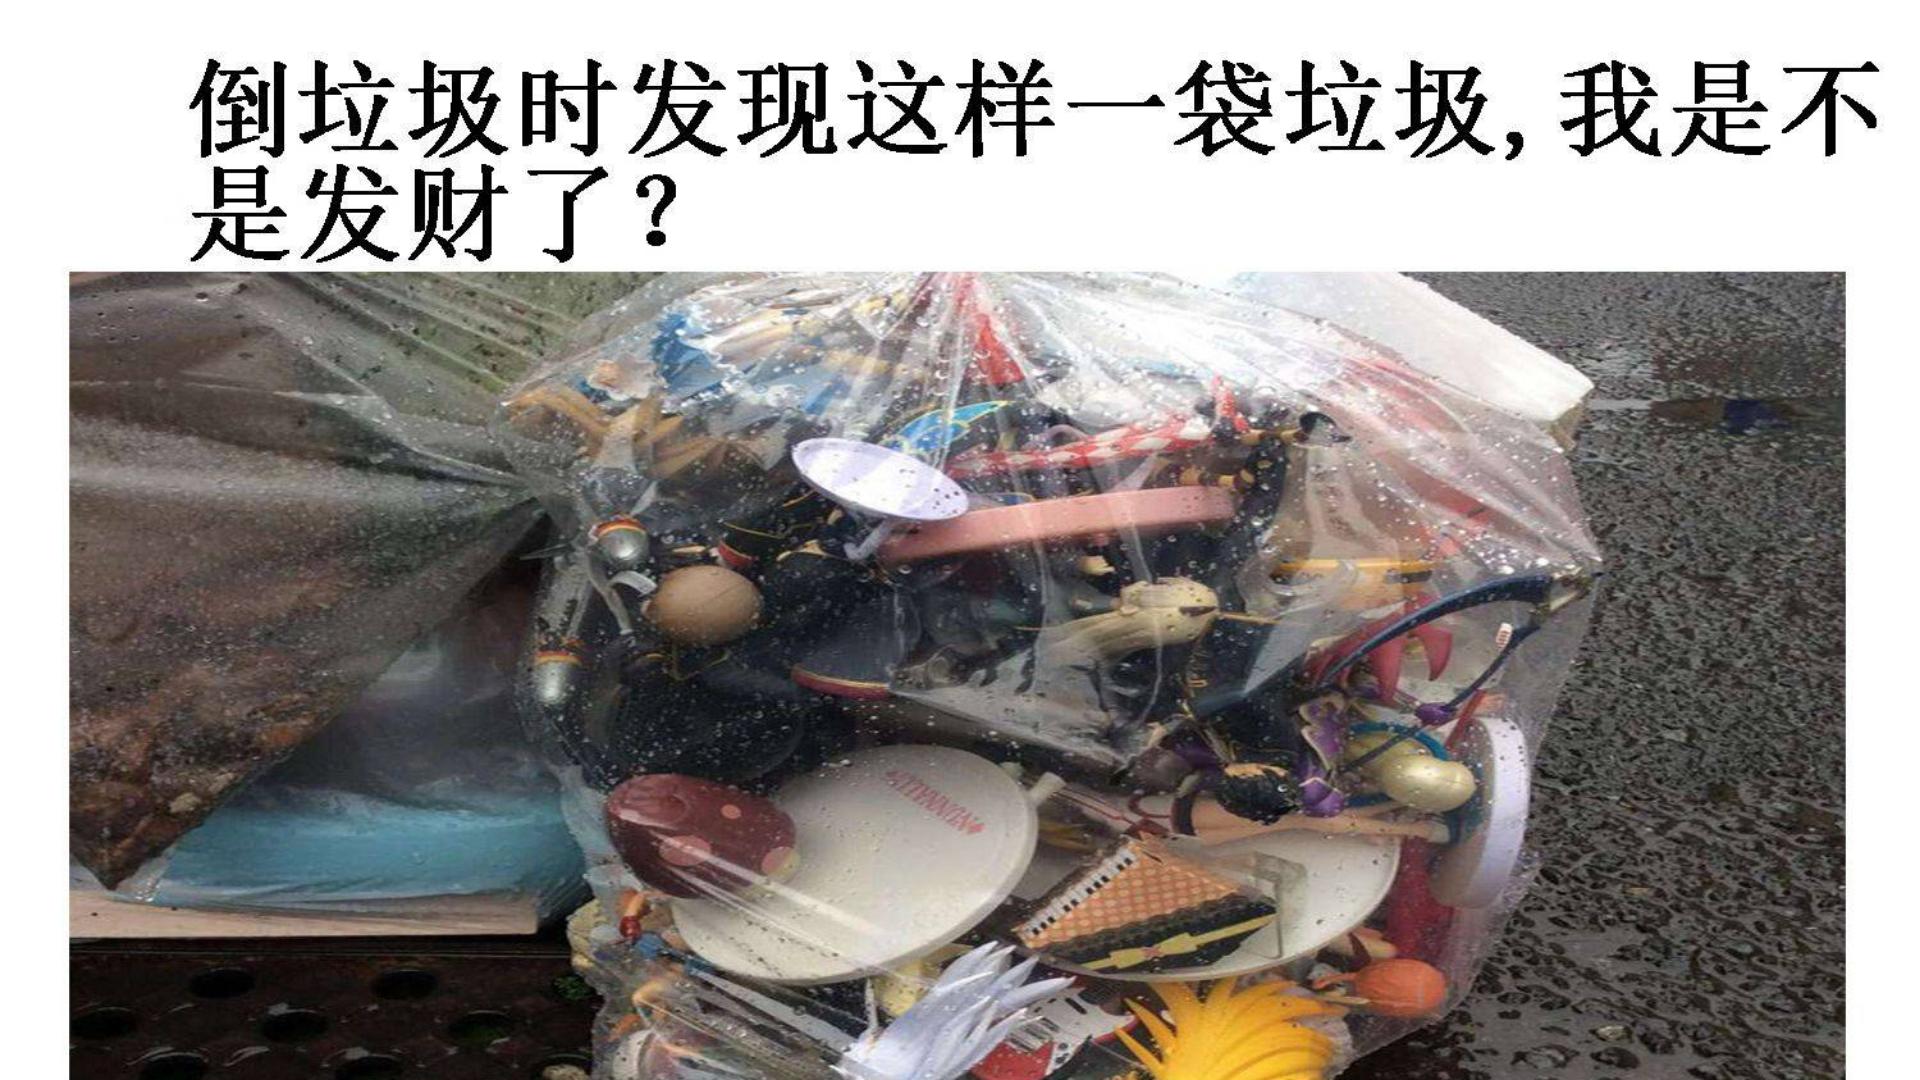 倒垃圾时发现这样一袋垃圾!(五蕉抽奖)【网上那些令人窒息的沙雕图#40】